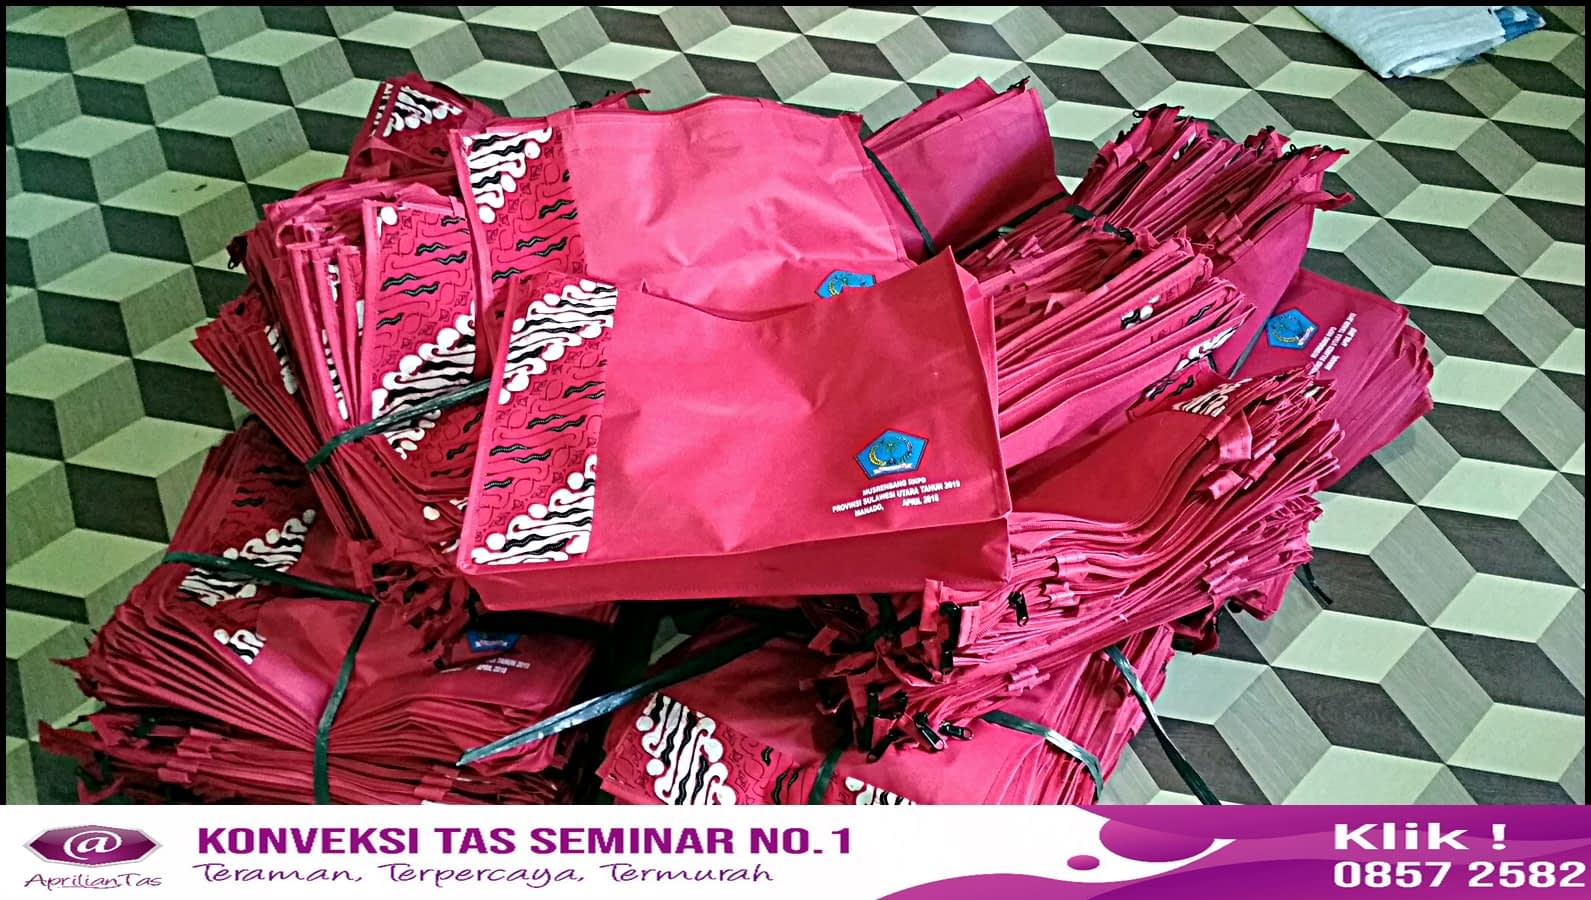 Pengrajin Tas Seminar Murah Bandung yg Membuat Paket Seminar Kit Tas seminar solo,tas seminar kit,tas seminar aceh,tas seminar banda aceh, produsen tas murah,produsen tas ransel,konveksi tas wanita jakarta,